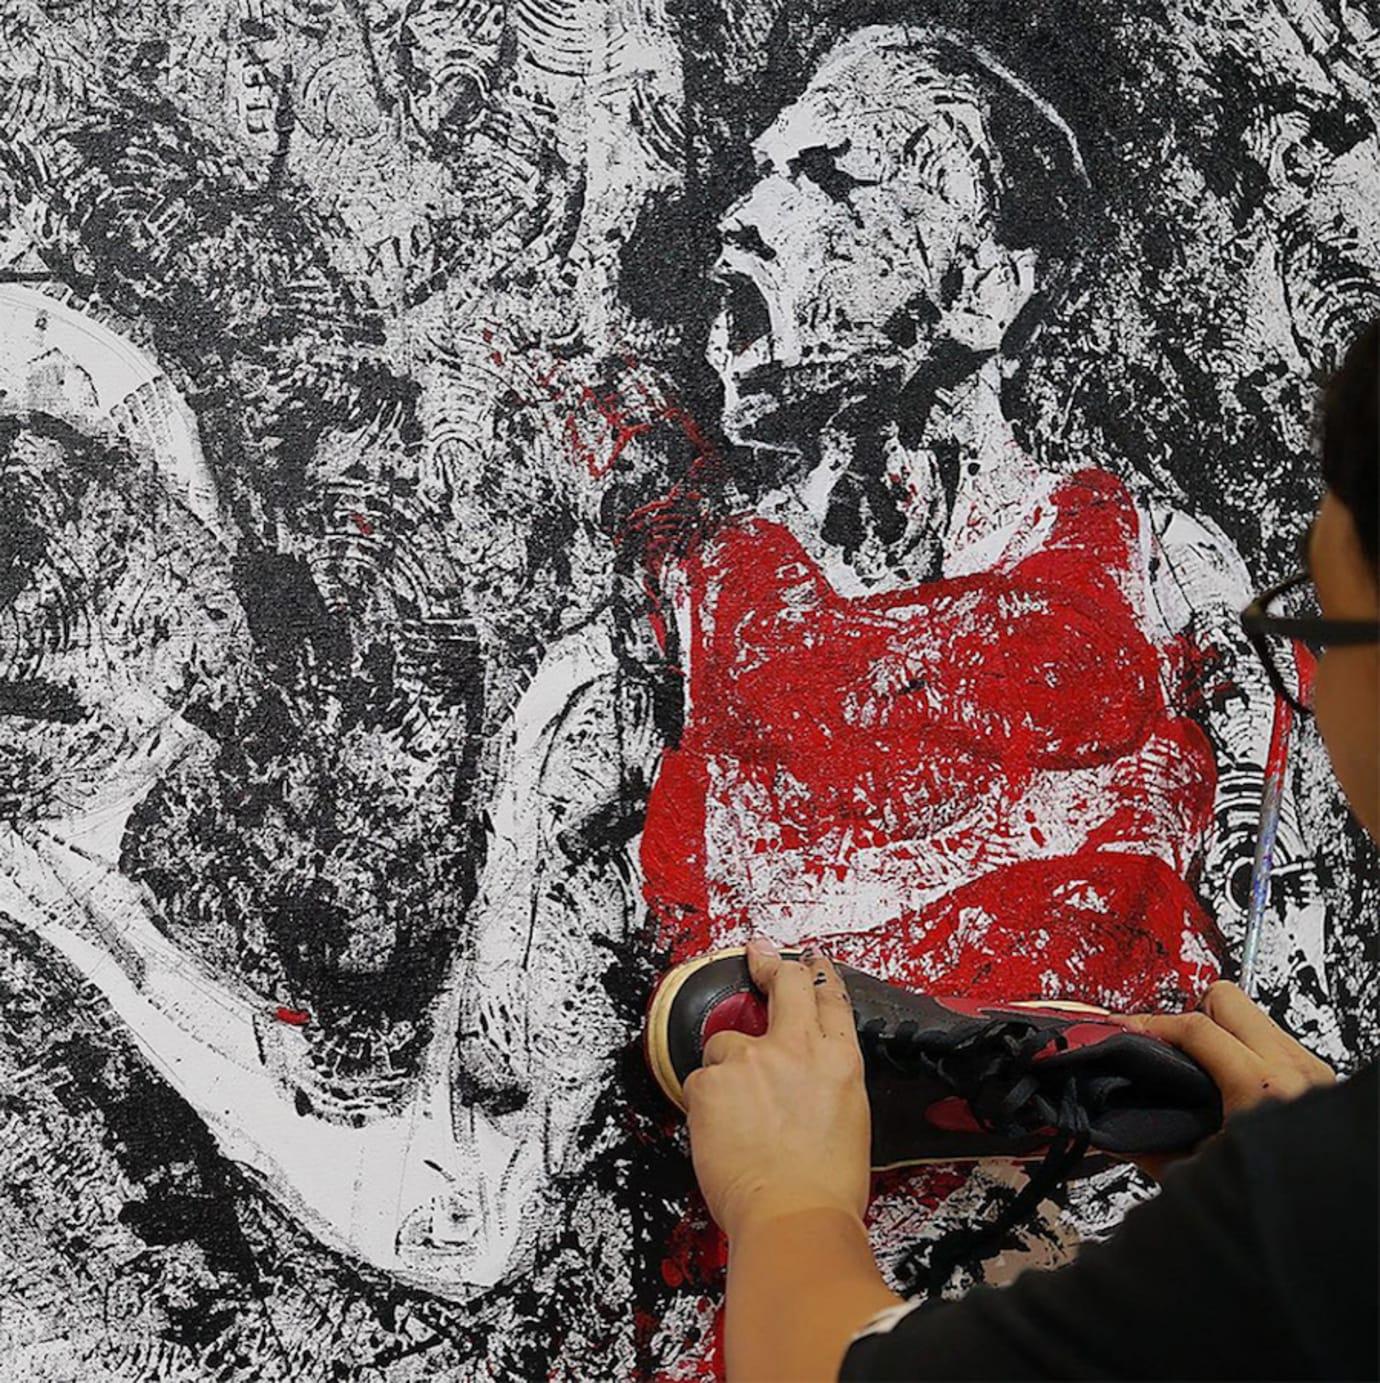 Artist Paints Michael Jordan with Air Jordans (2)